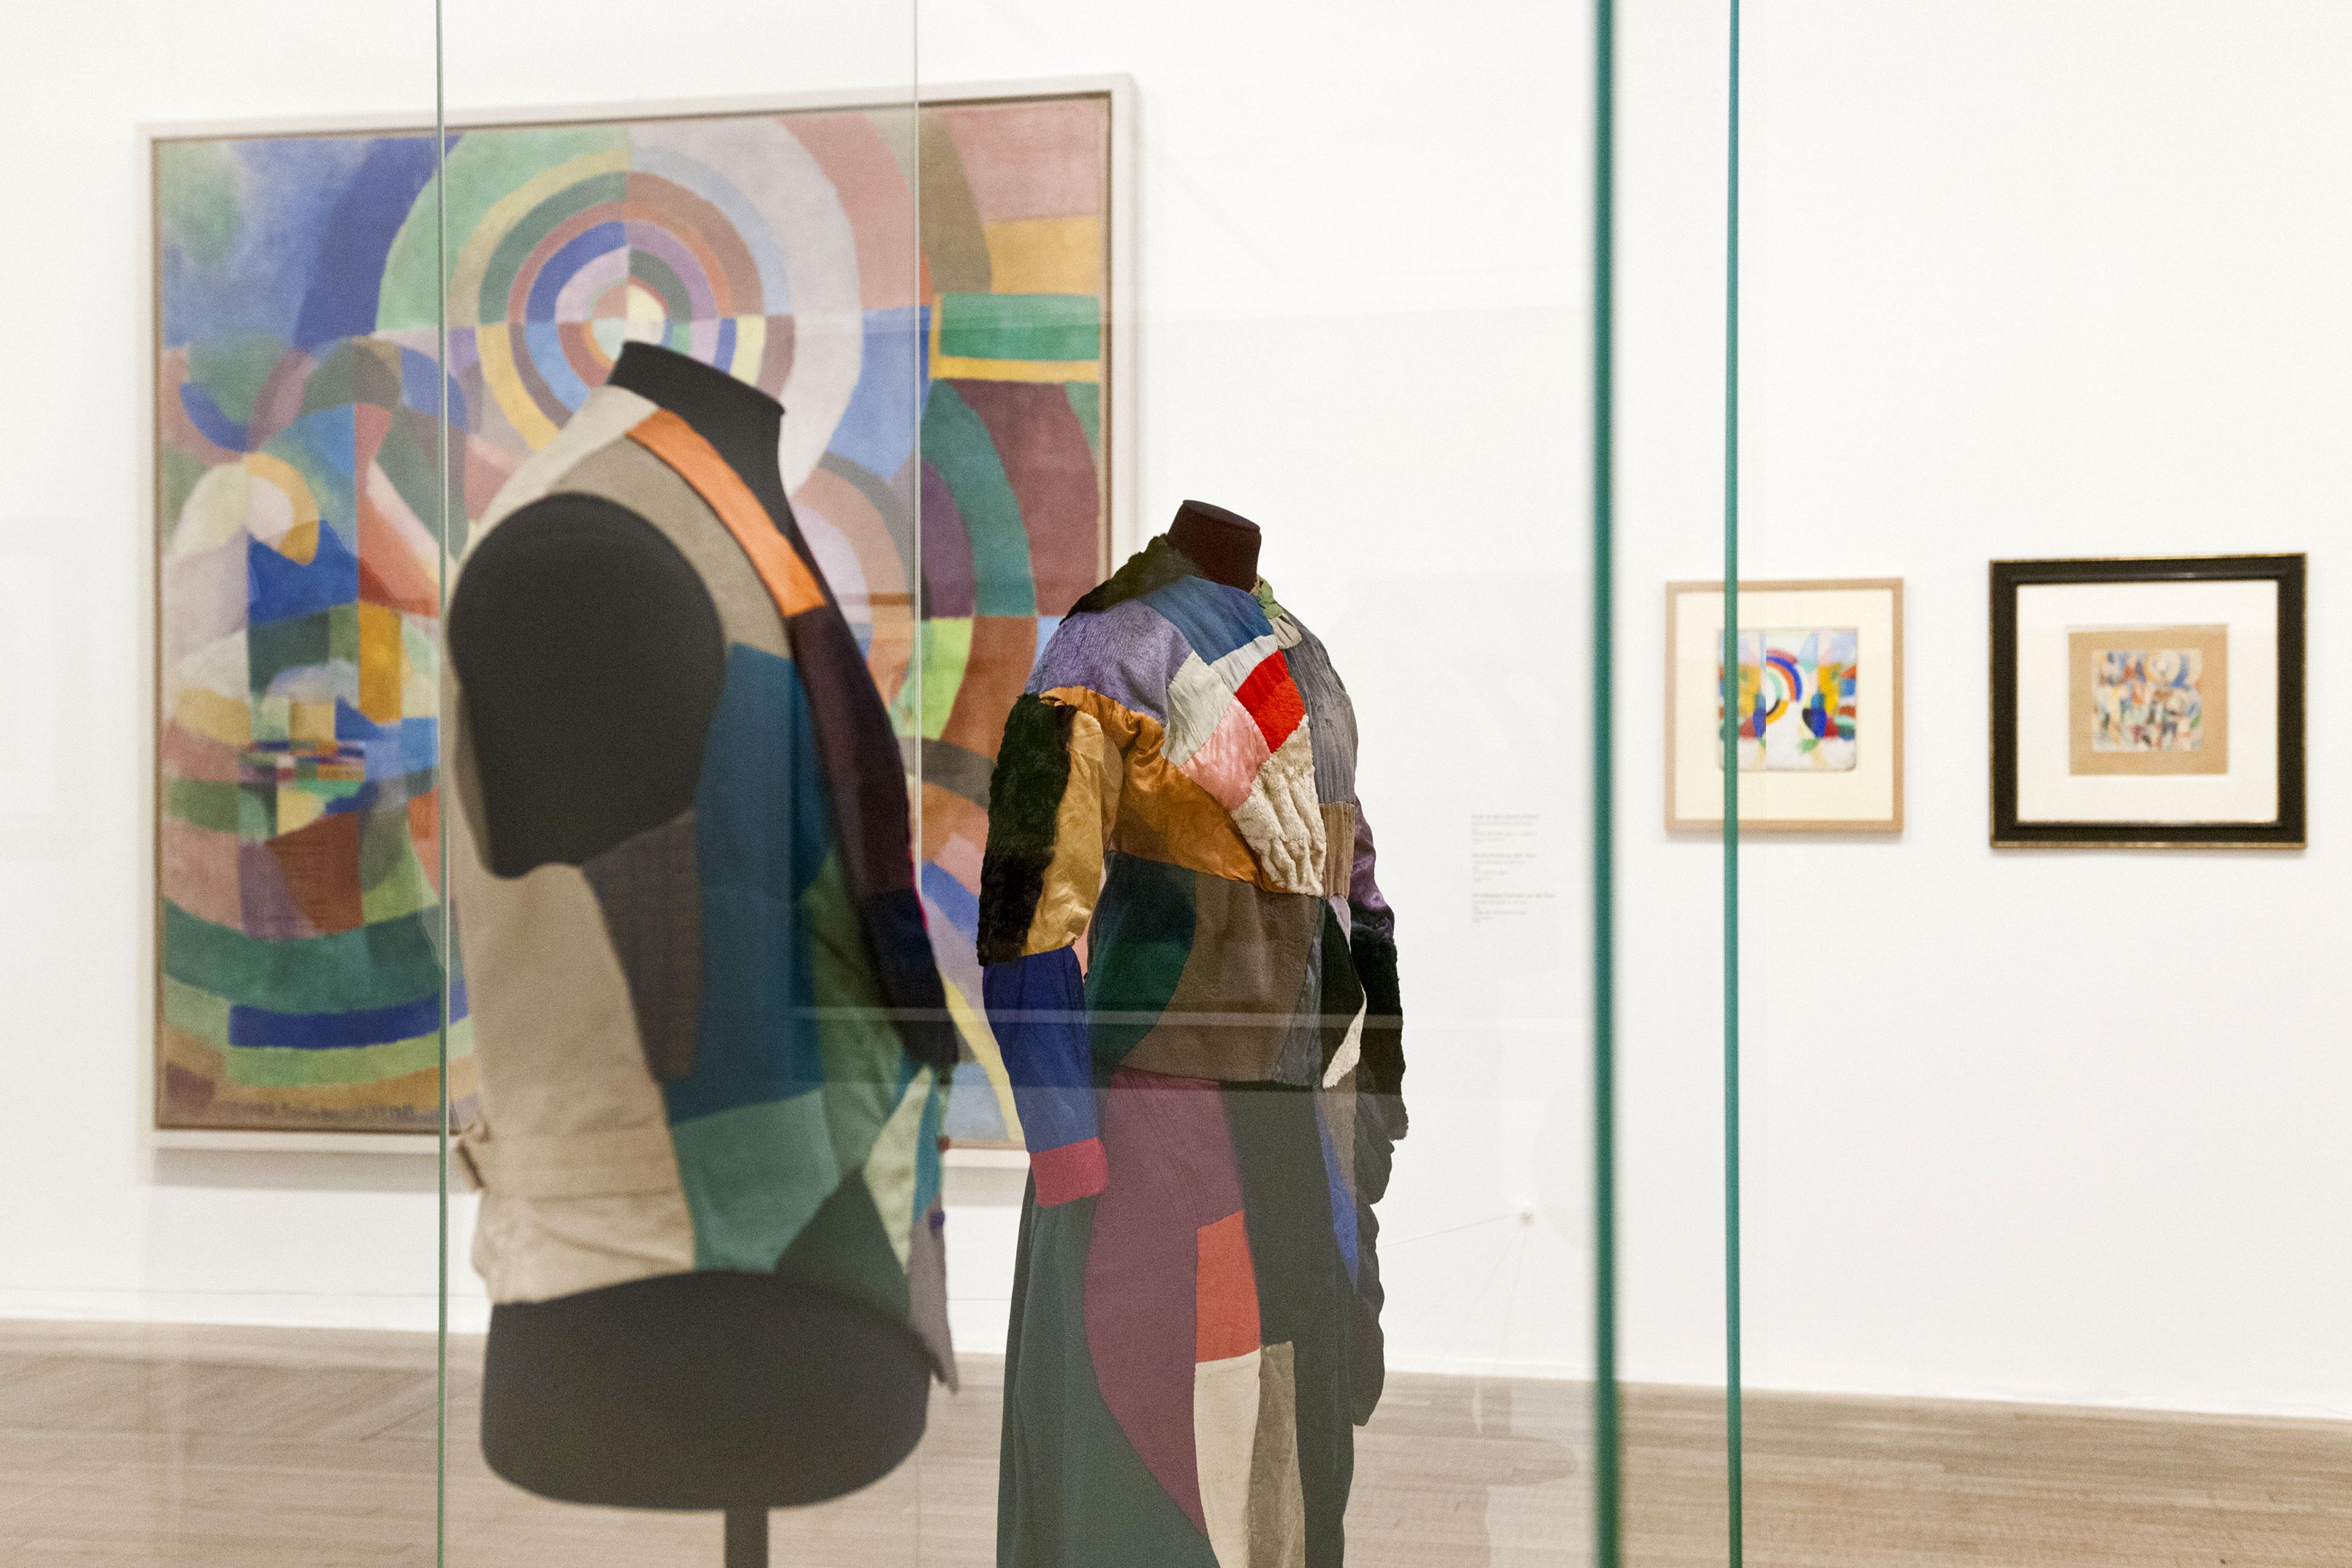 EY Sonia Delaunay Exhibition